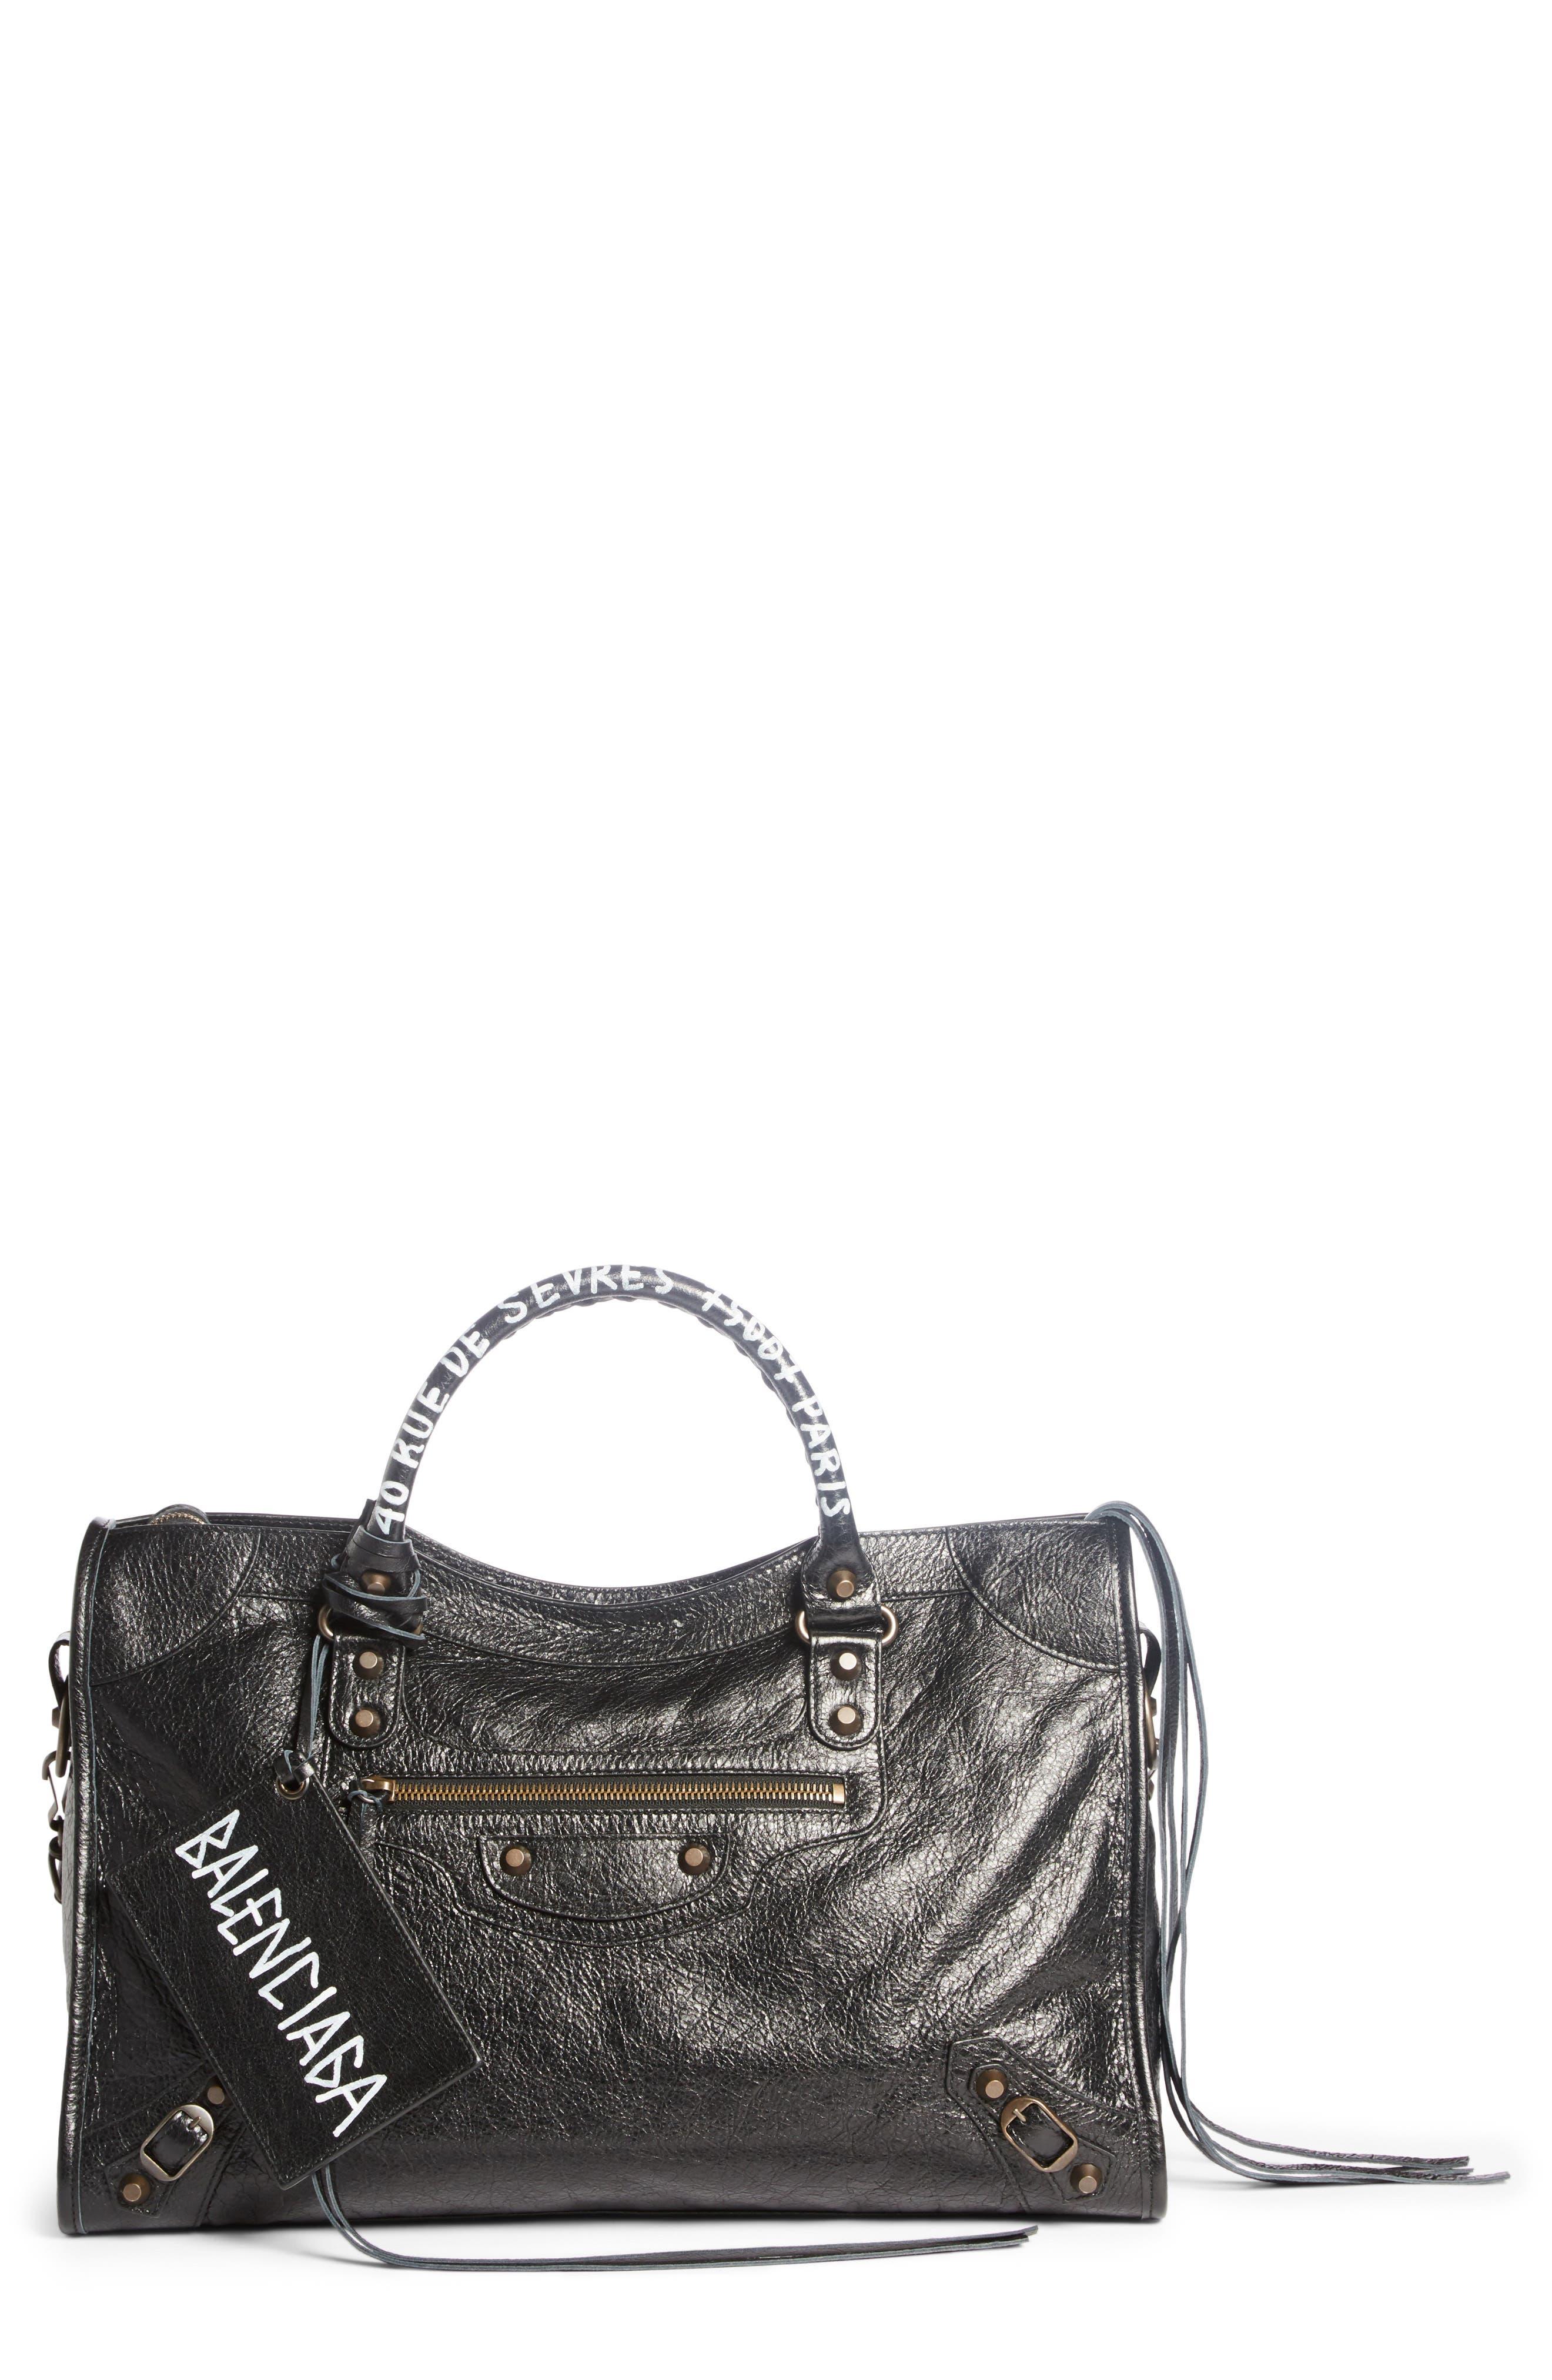 Main Image - Balenciaga Classic City Leather Tote